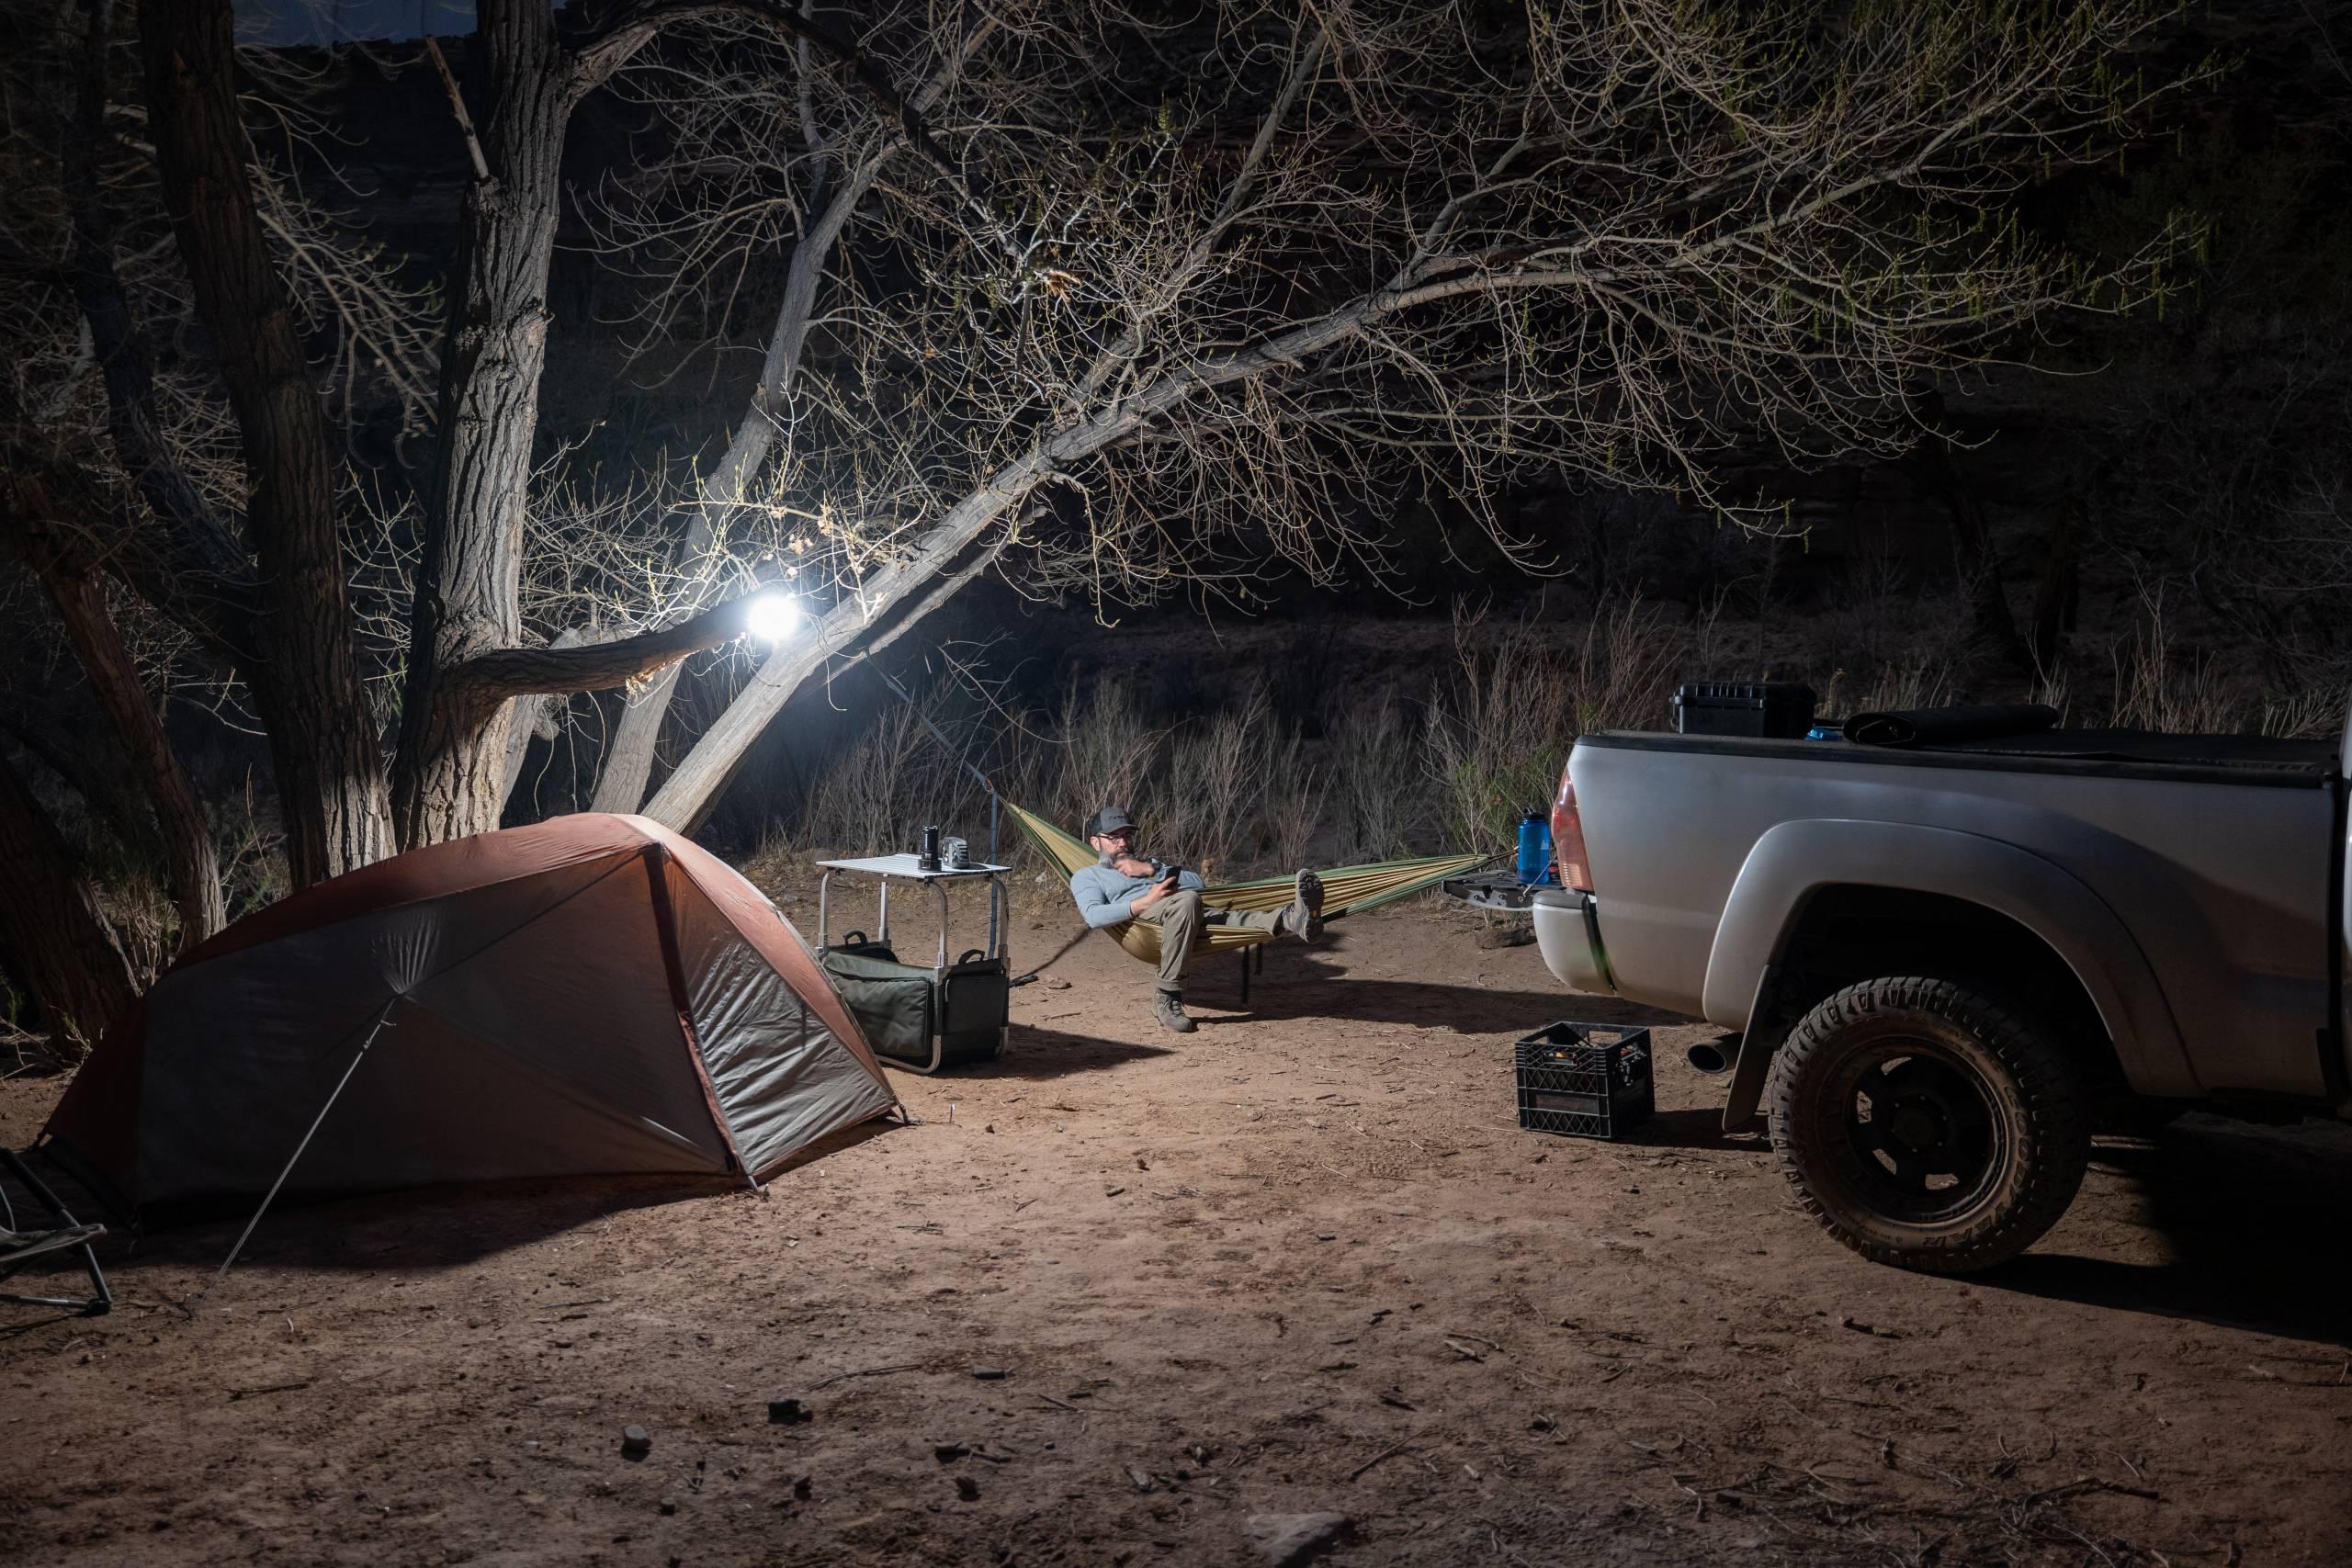 fenix-lighting-camping-lantern